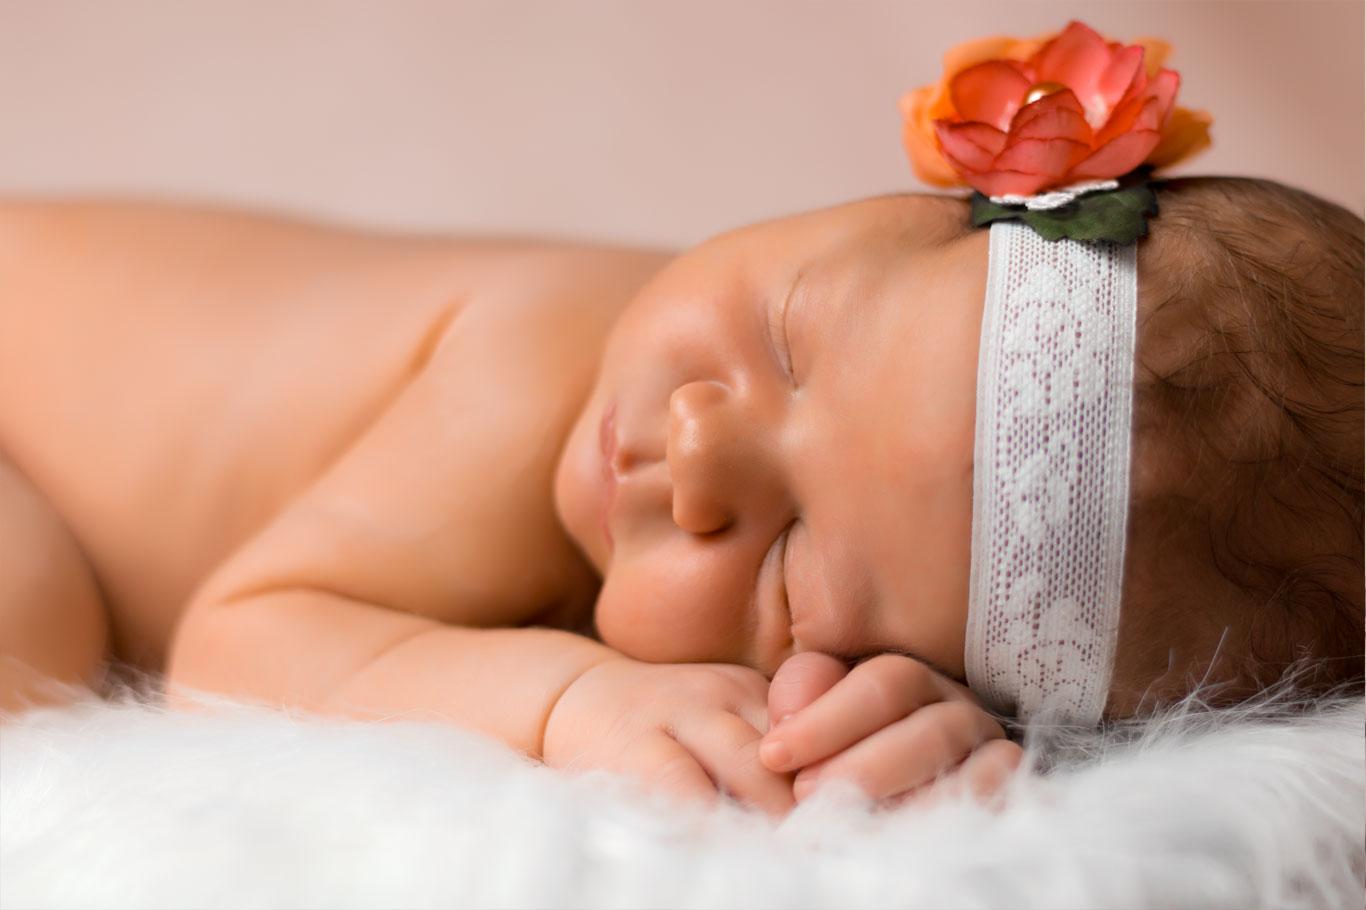 Novorđena beba sa trakom za kosu i crvenom ružom